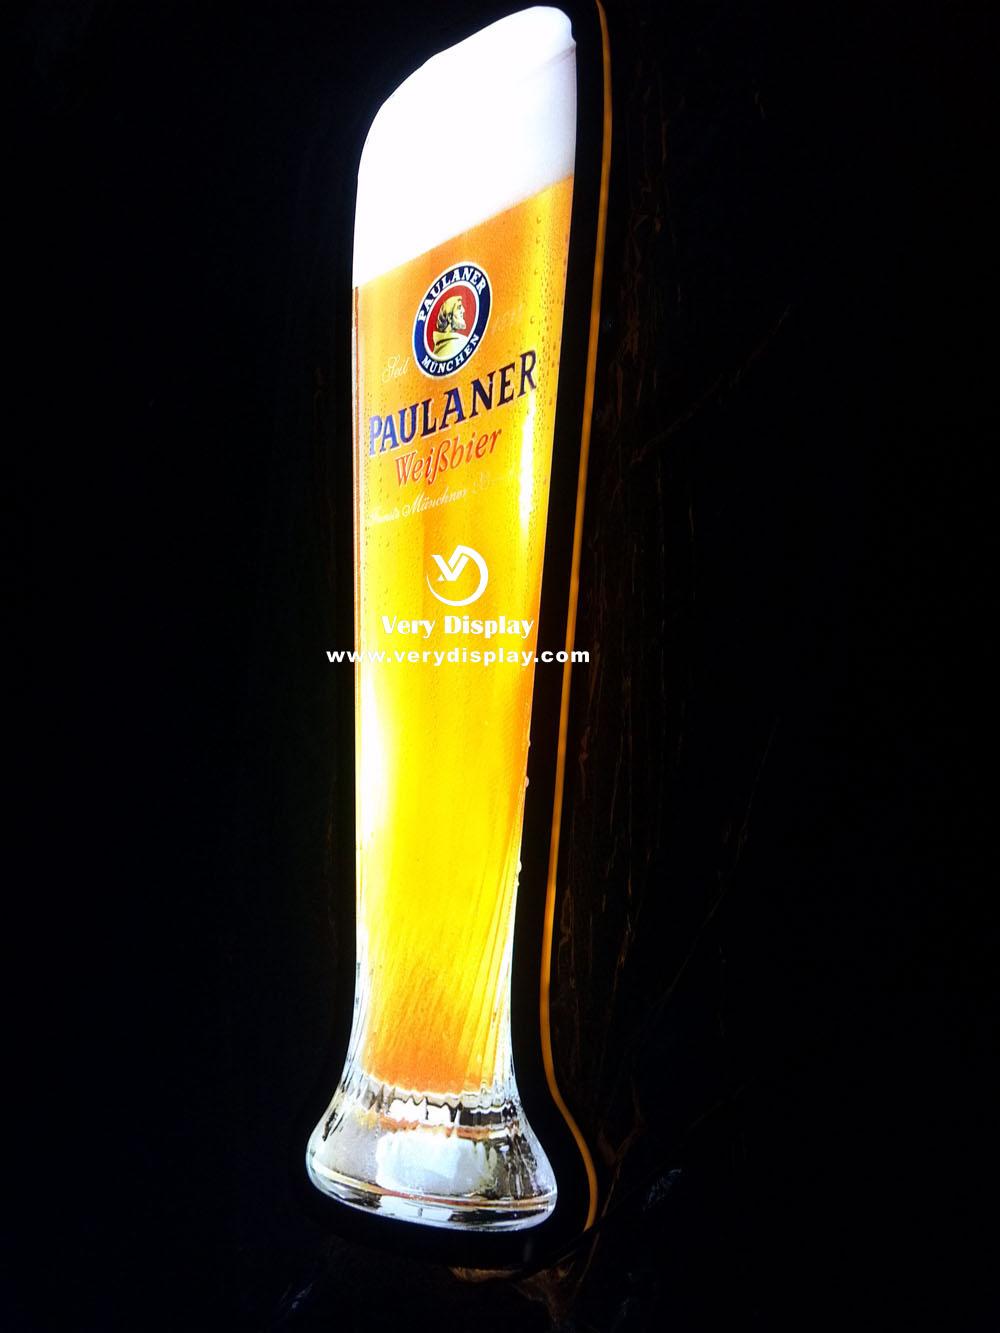 paulaner led glass